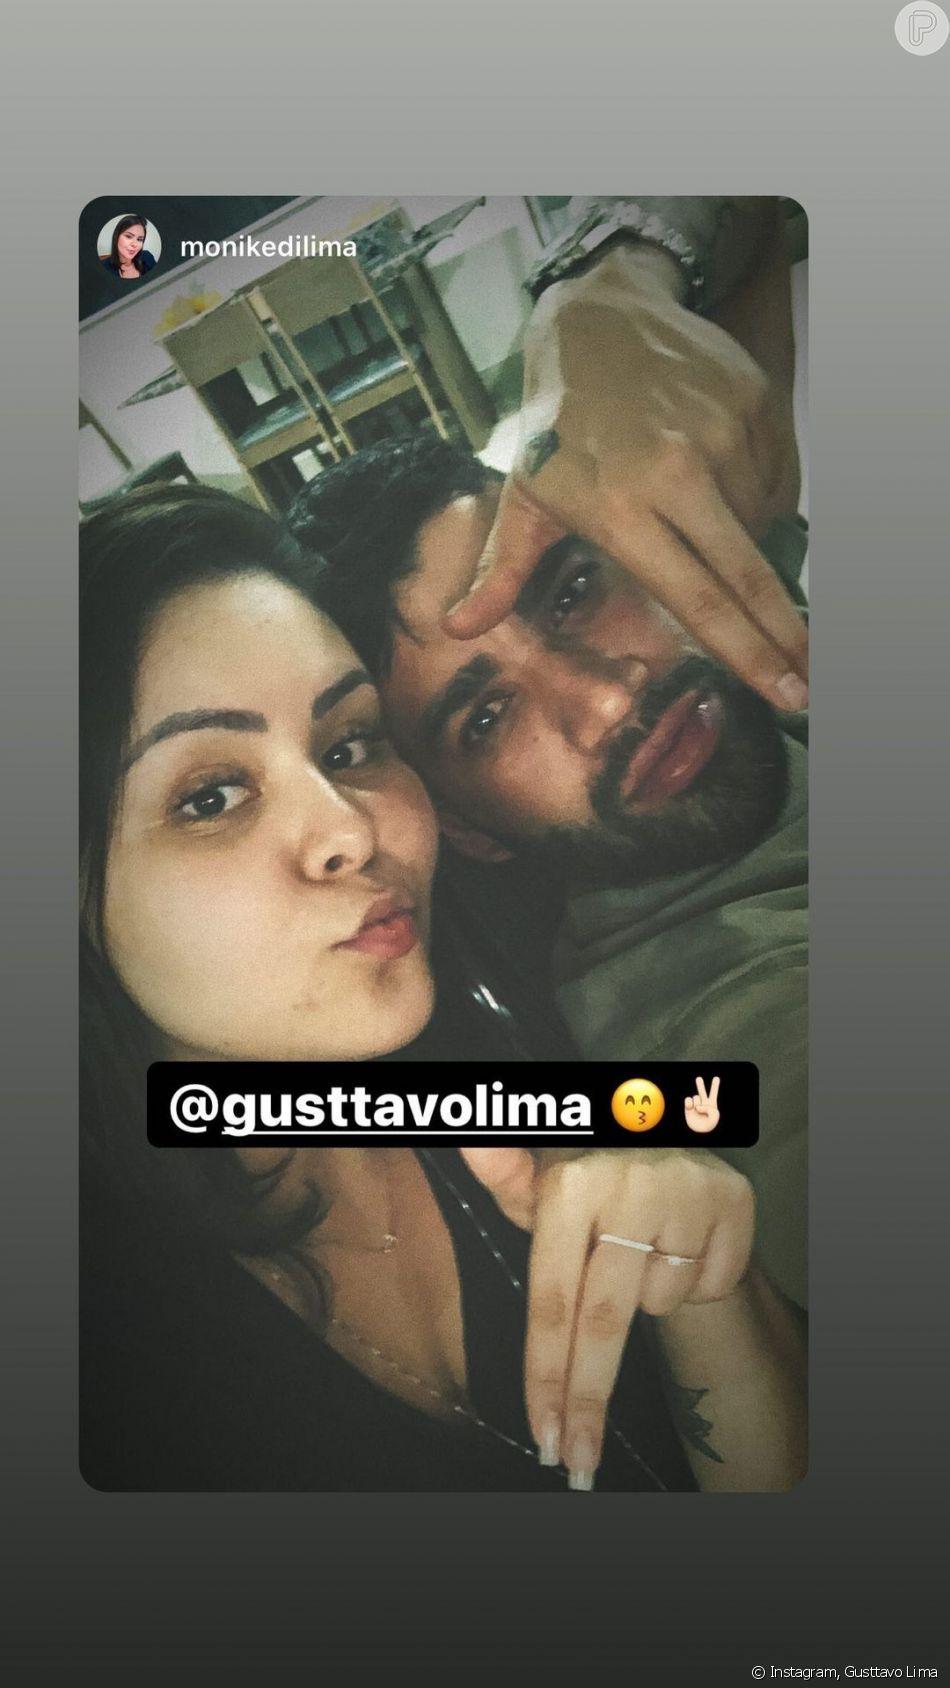 Gusttavo Lima fez pose divertida em foto com a sobrinha Monike